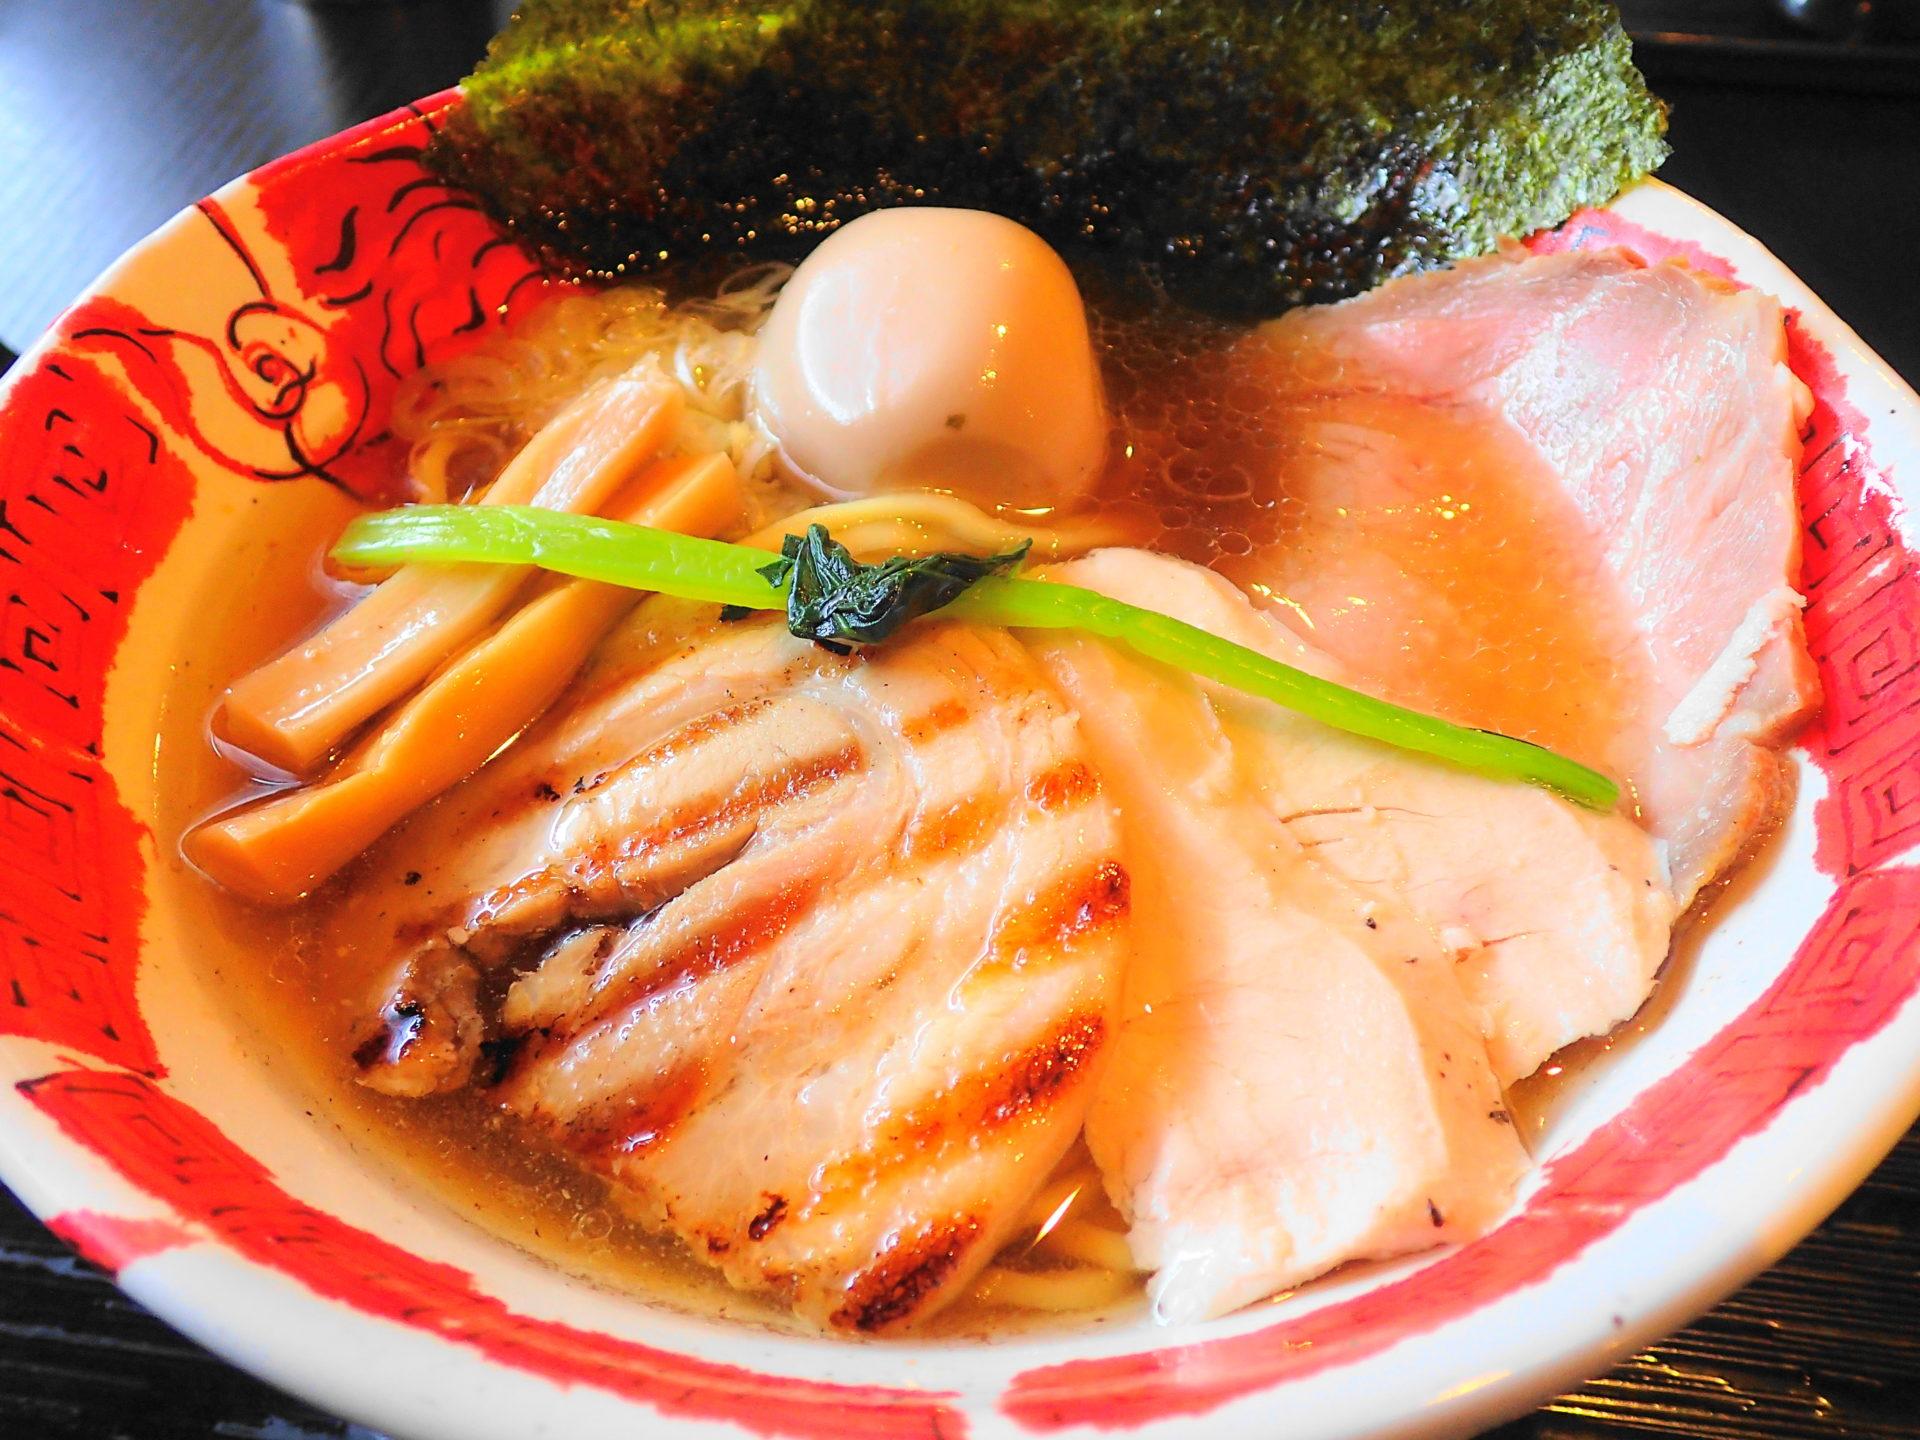 水戸の美味しい人気店うまいラーメン10選 - いばらじお♪